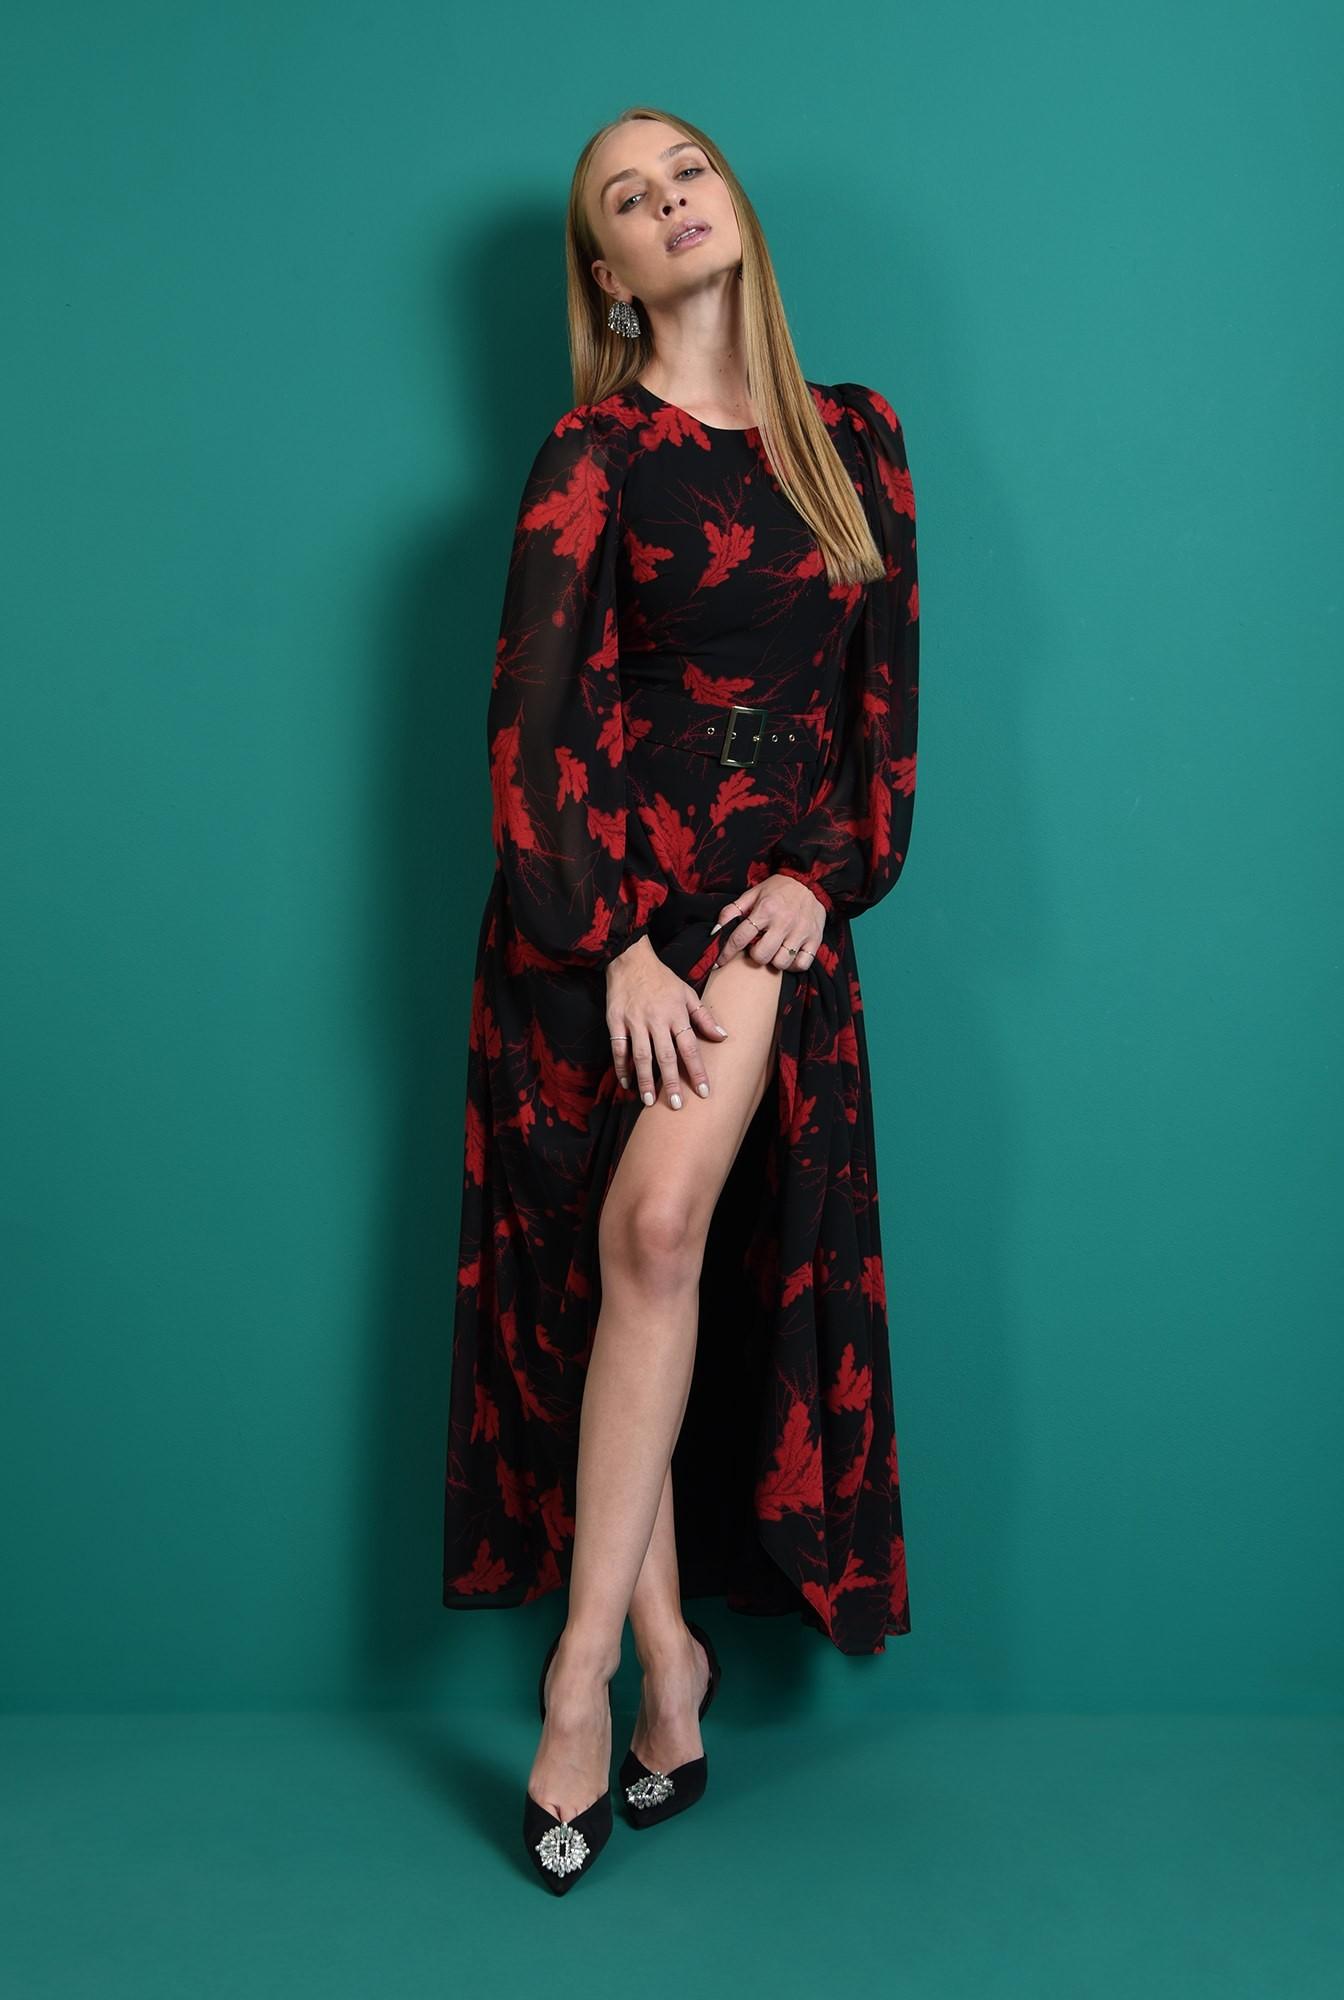 0 - rochie lunga, neagra, cu motive florale